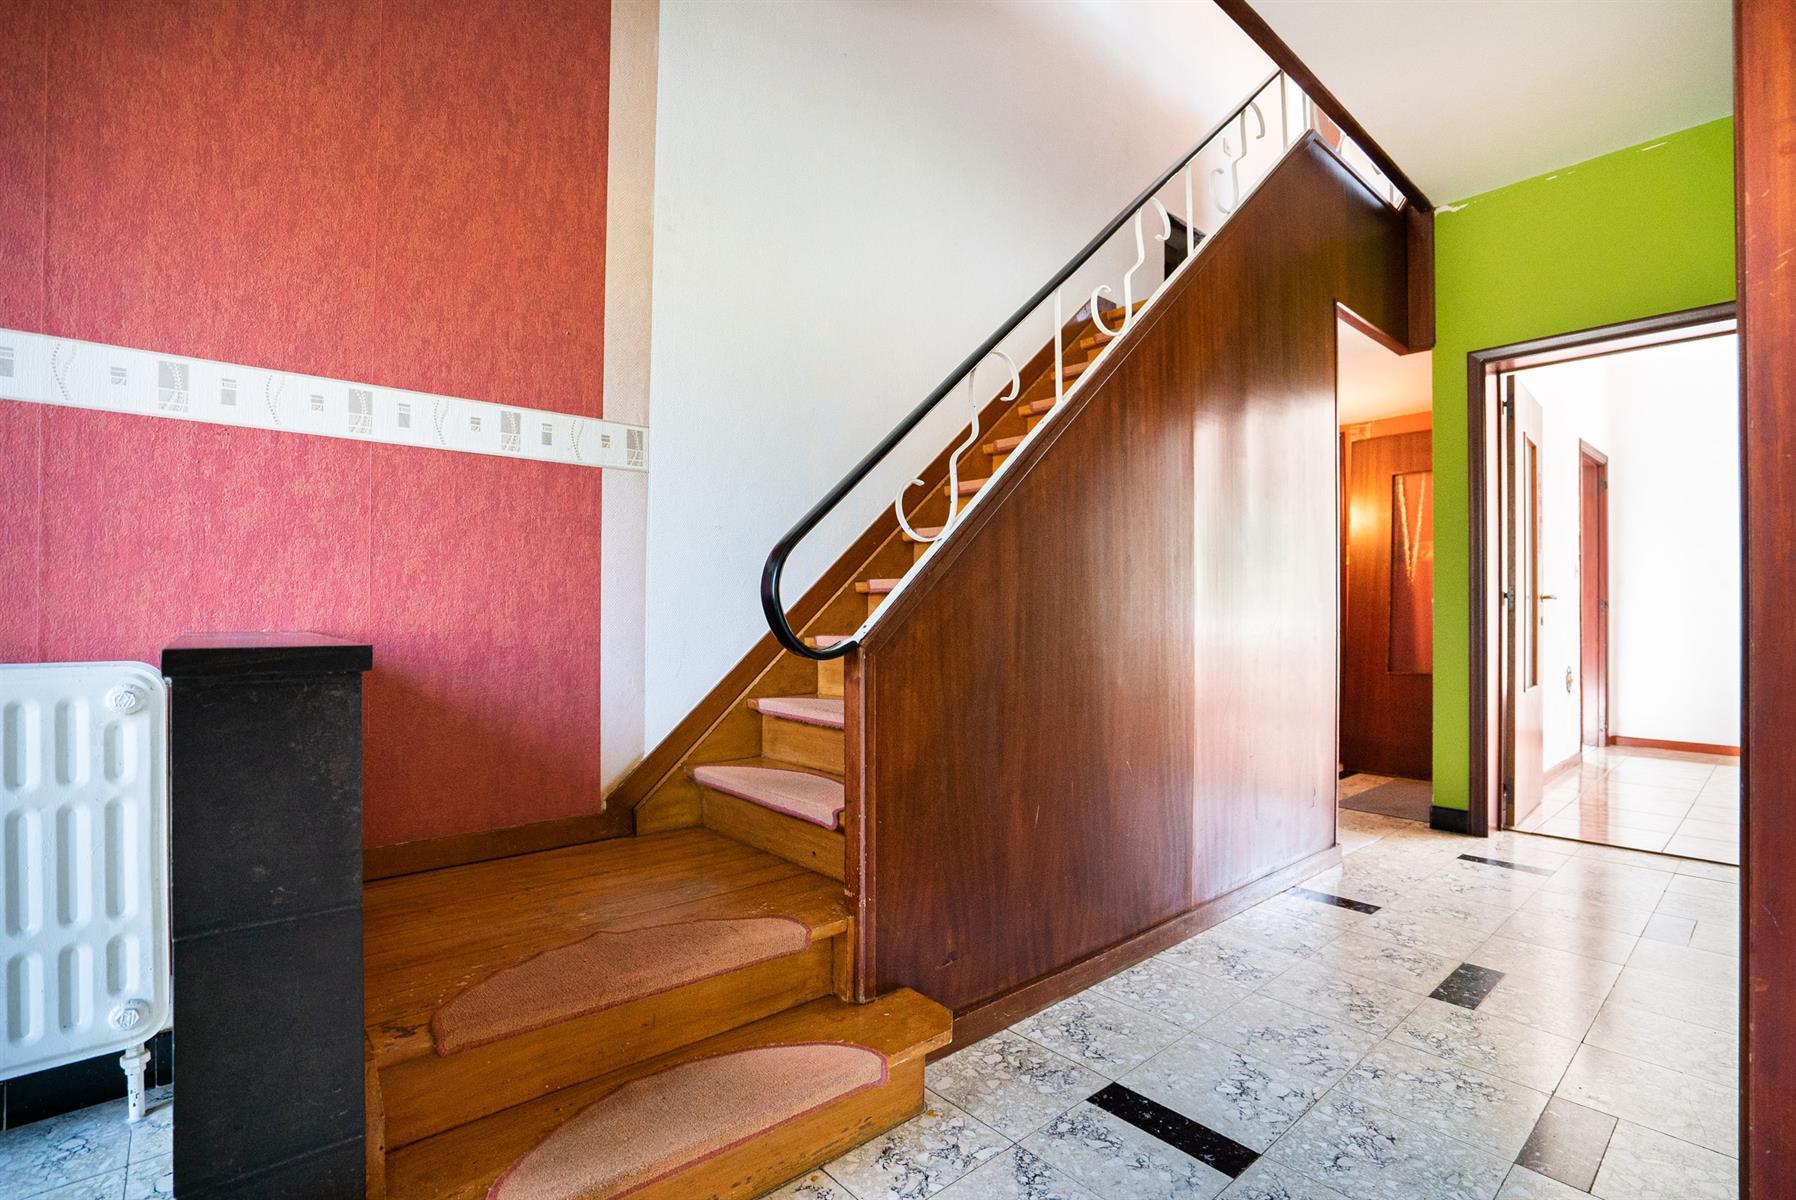 Maison - Verviers Stembert - #4406533-7